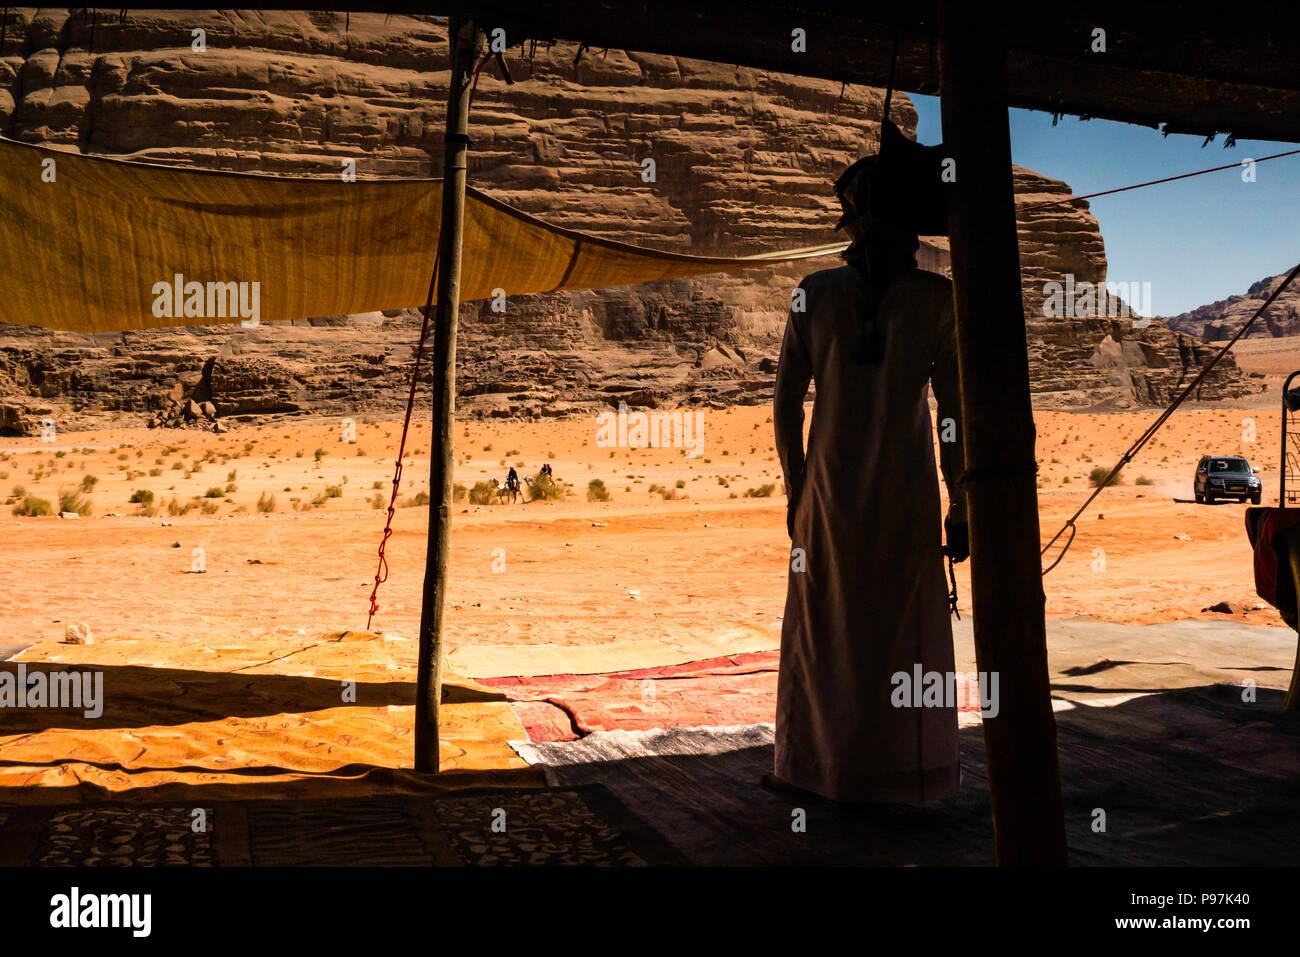 Arabische Beduinen Mann erwartet Kunden, Beduinenlager, Wadi Rum wüste Tal, Jordanien, Naher Osten Stockfoto